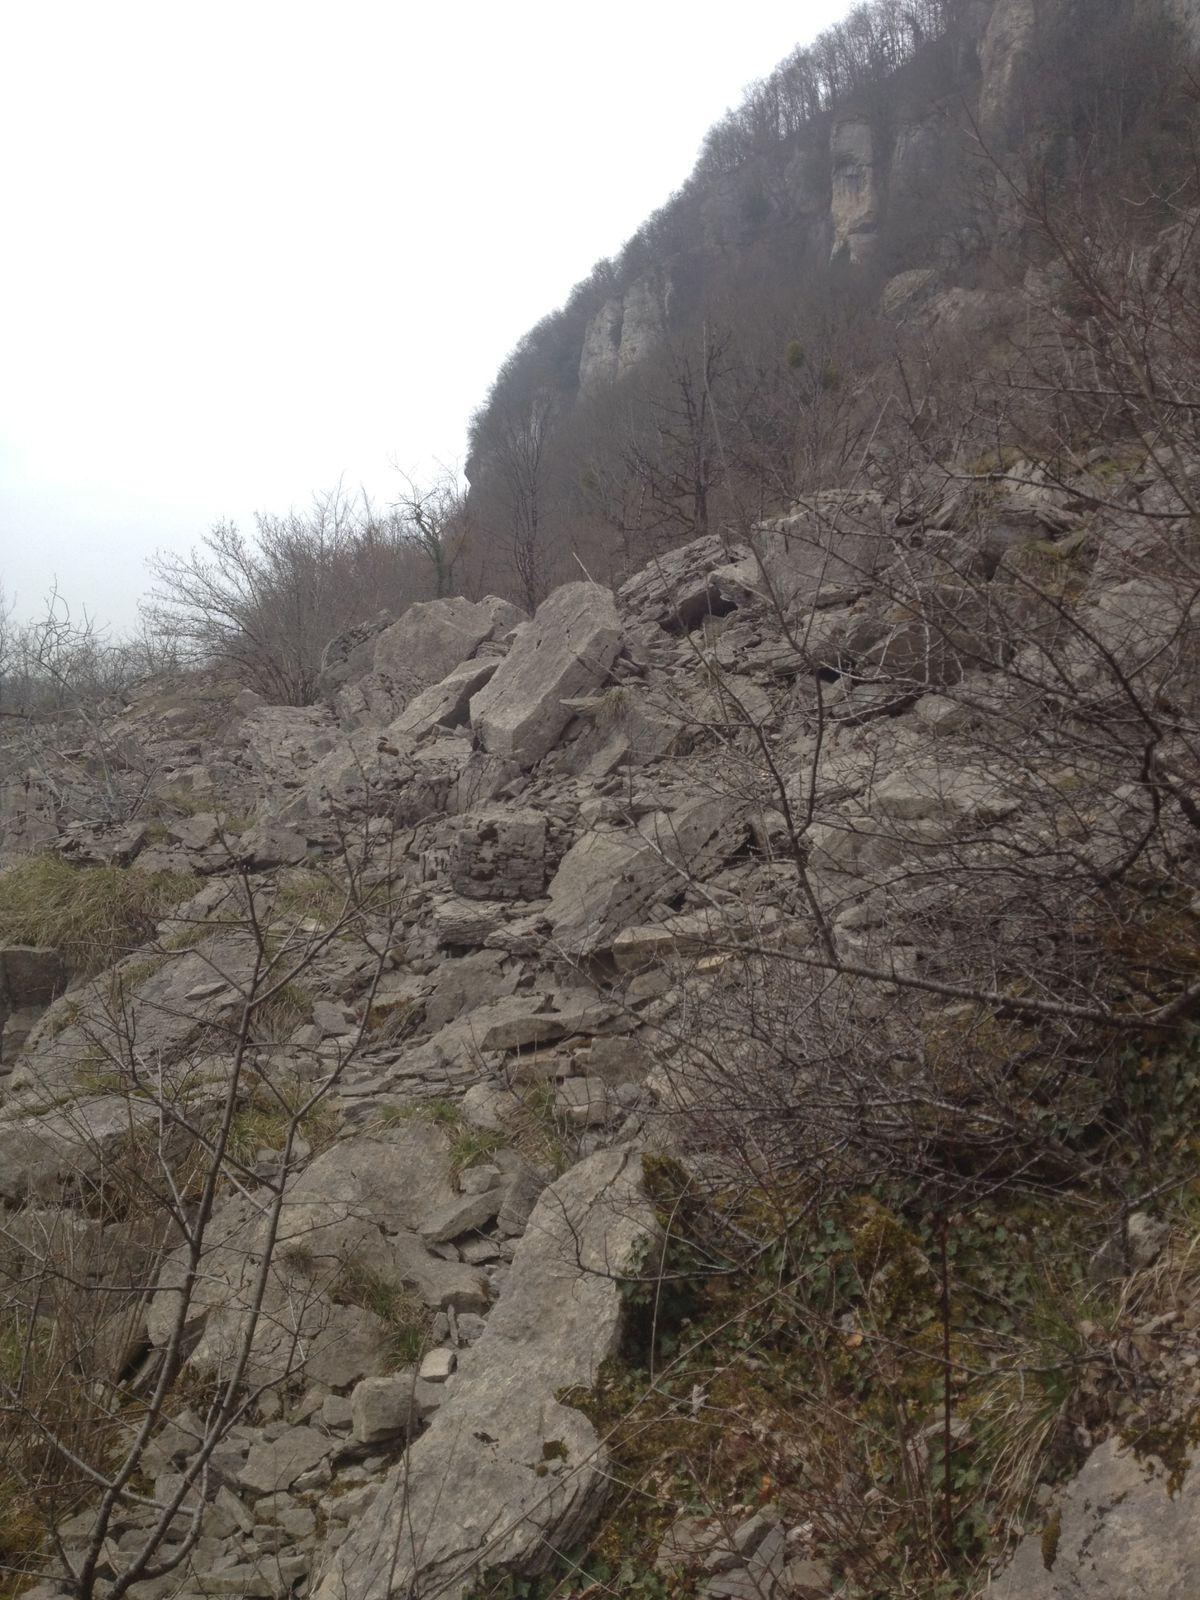 On remarquera de nombreux rochers qui sont venus s'arrêter là (on appelle ce coin les éboulis), des marches taillées et une magnifique vue plongeante sur Baume-les-Messieurs.